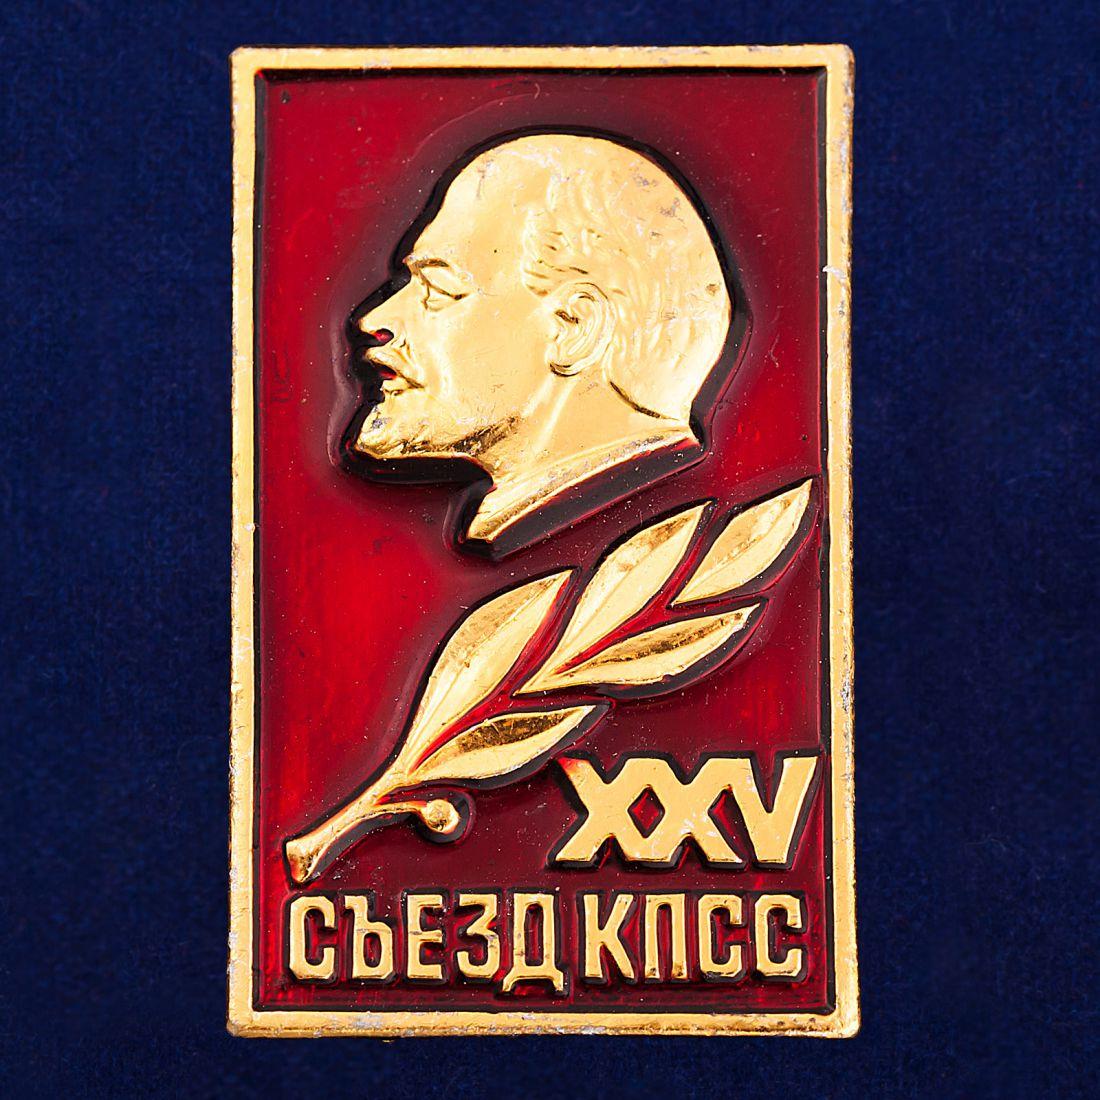 Значок 25 Съезд КПСС (с Лениным)